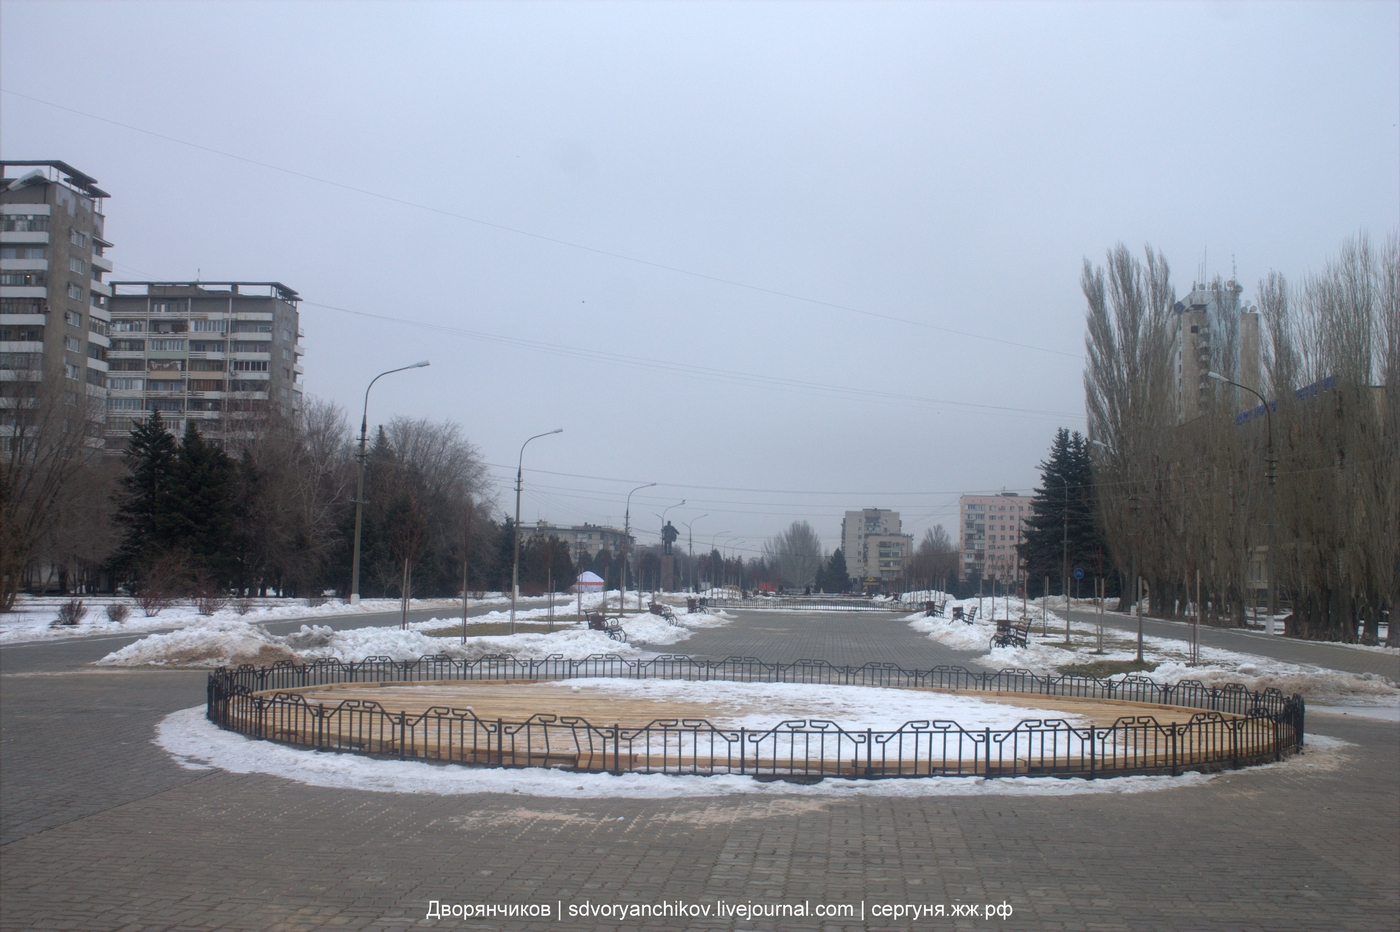 Парк Волжский - периметр 08-02-2018